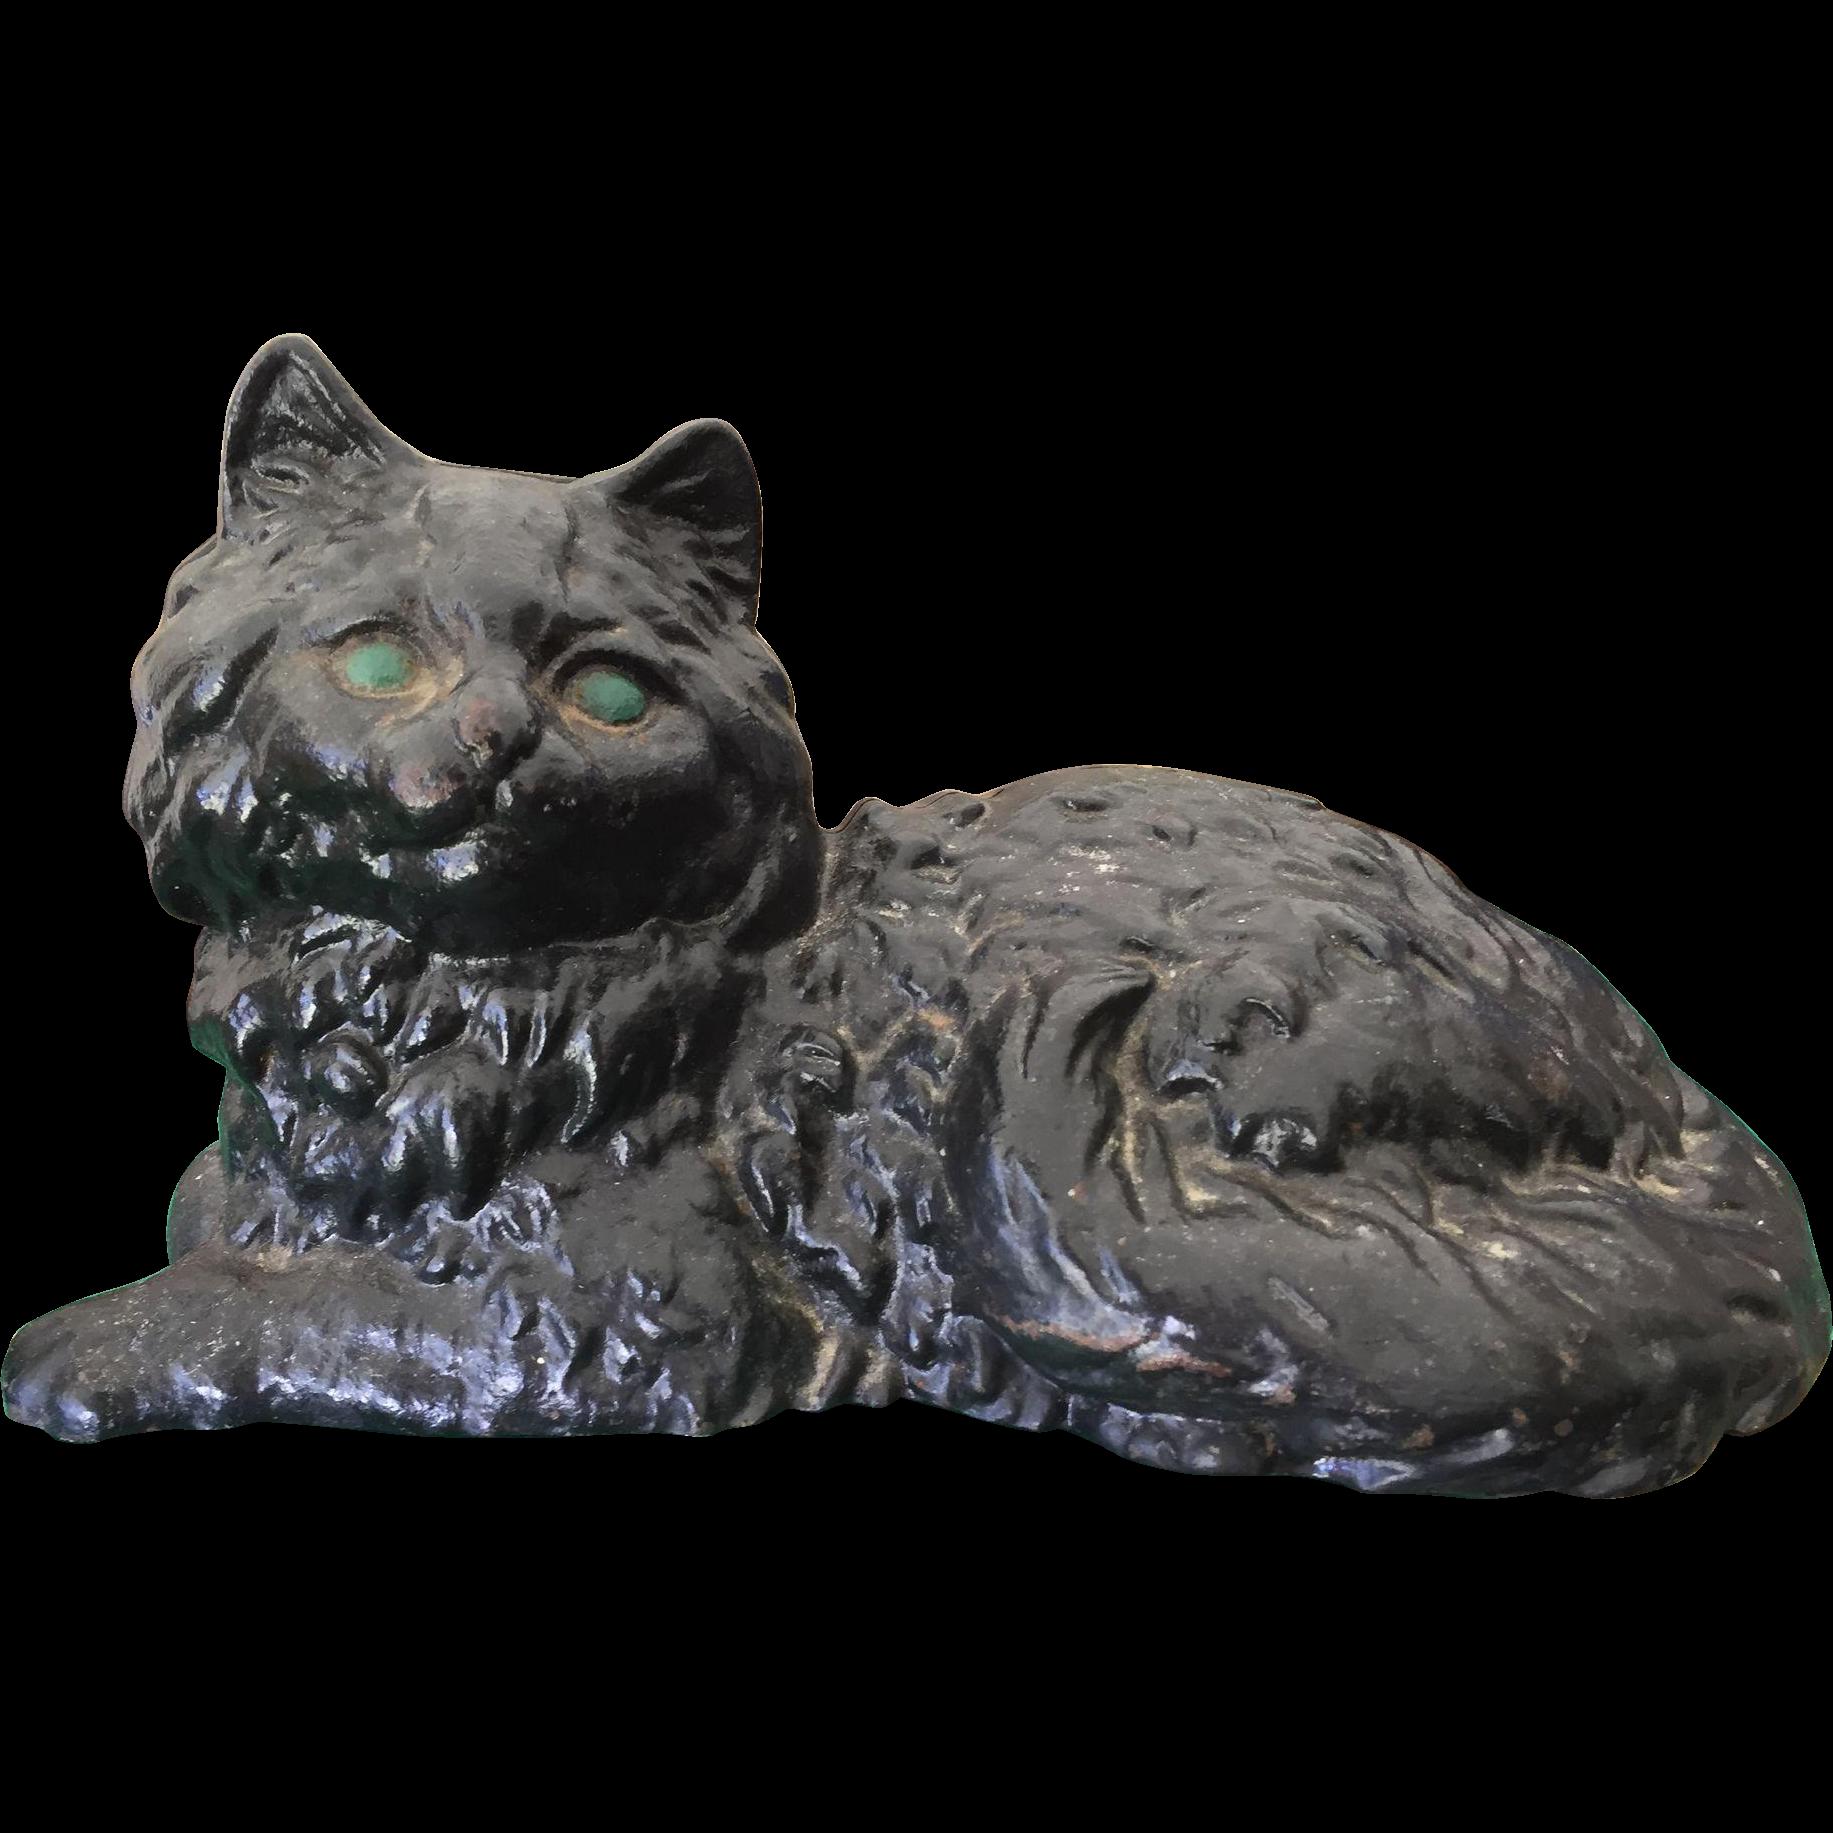 Vintage hubley cast iron black persian fireside cat metal doorstop from yourgrandmahadit on ruby - Cast iron cat doorstop ...